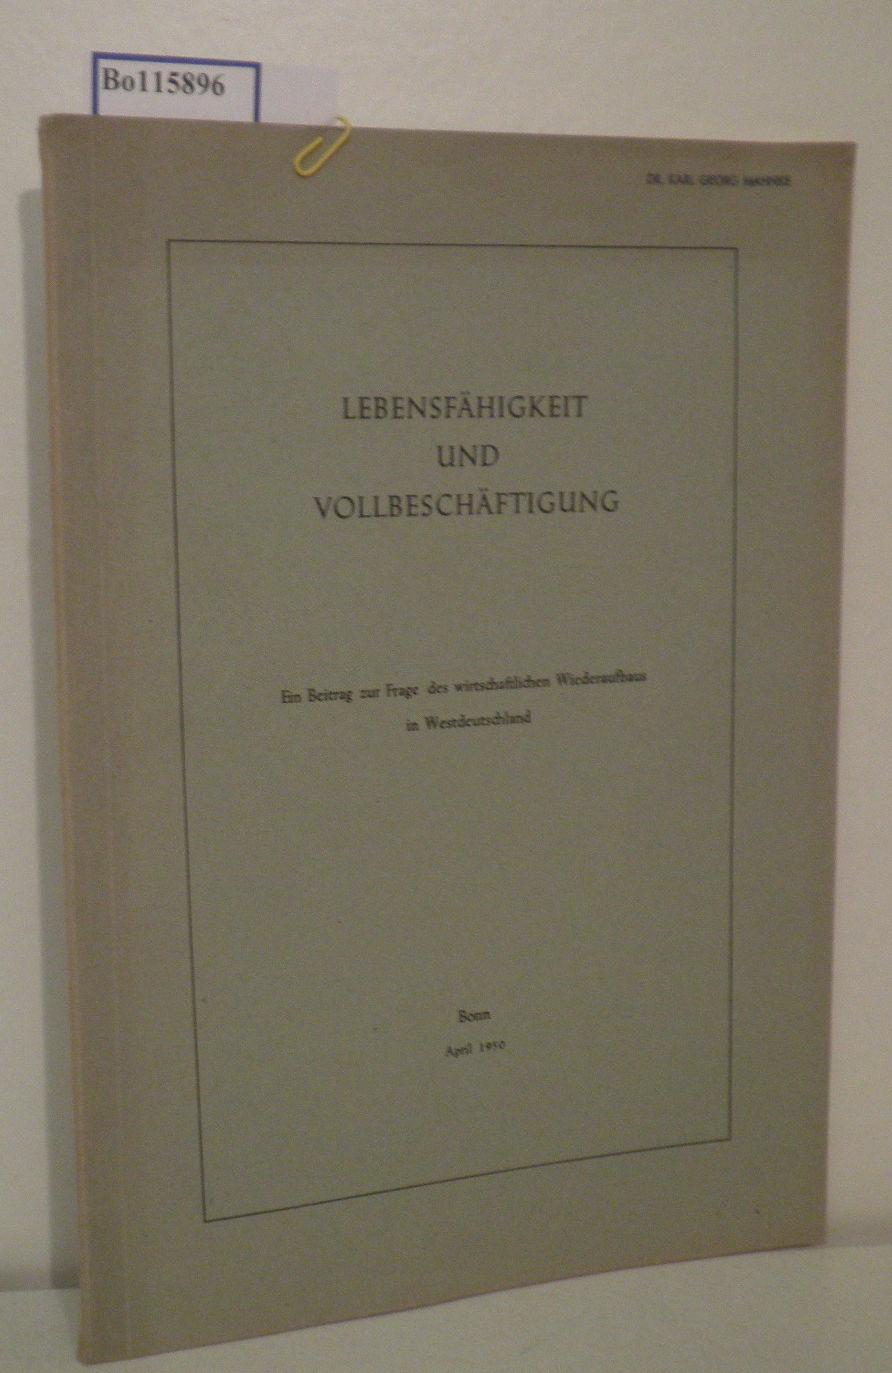 Lebensfähigkeit und Vollbeschäftigung Ein Beitr. z. Frage d. wirtschaftl. Wiederaufbaus in Westdeutschland